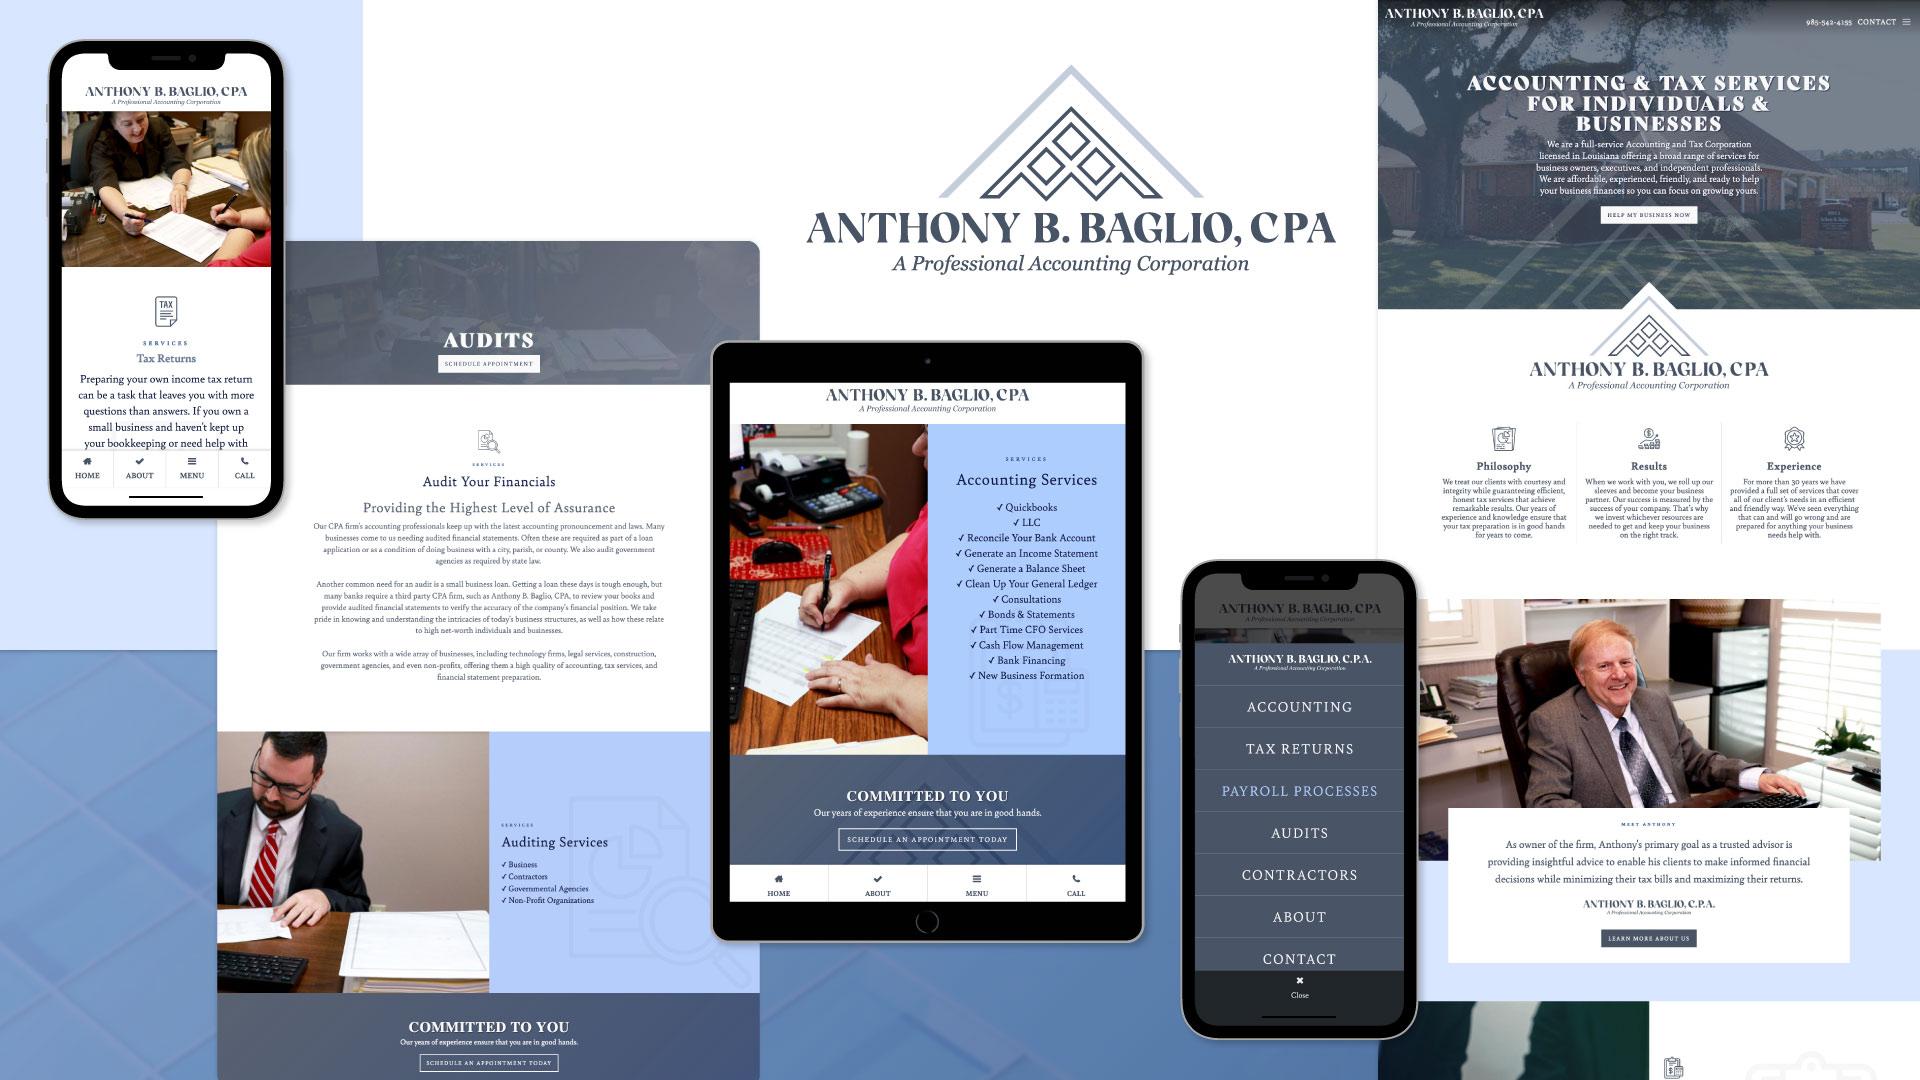 Anthony B. Baglio, C.P.A.